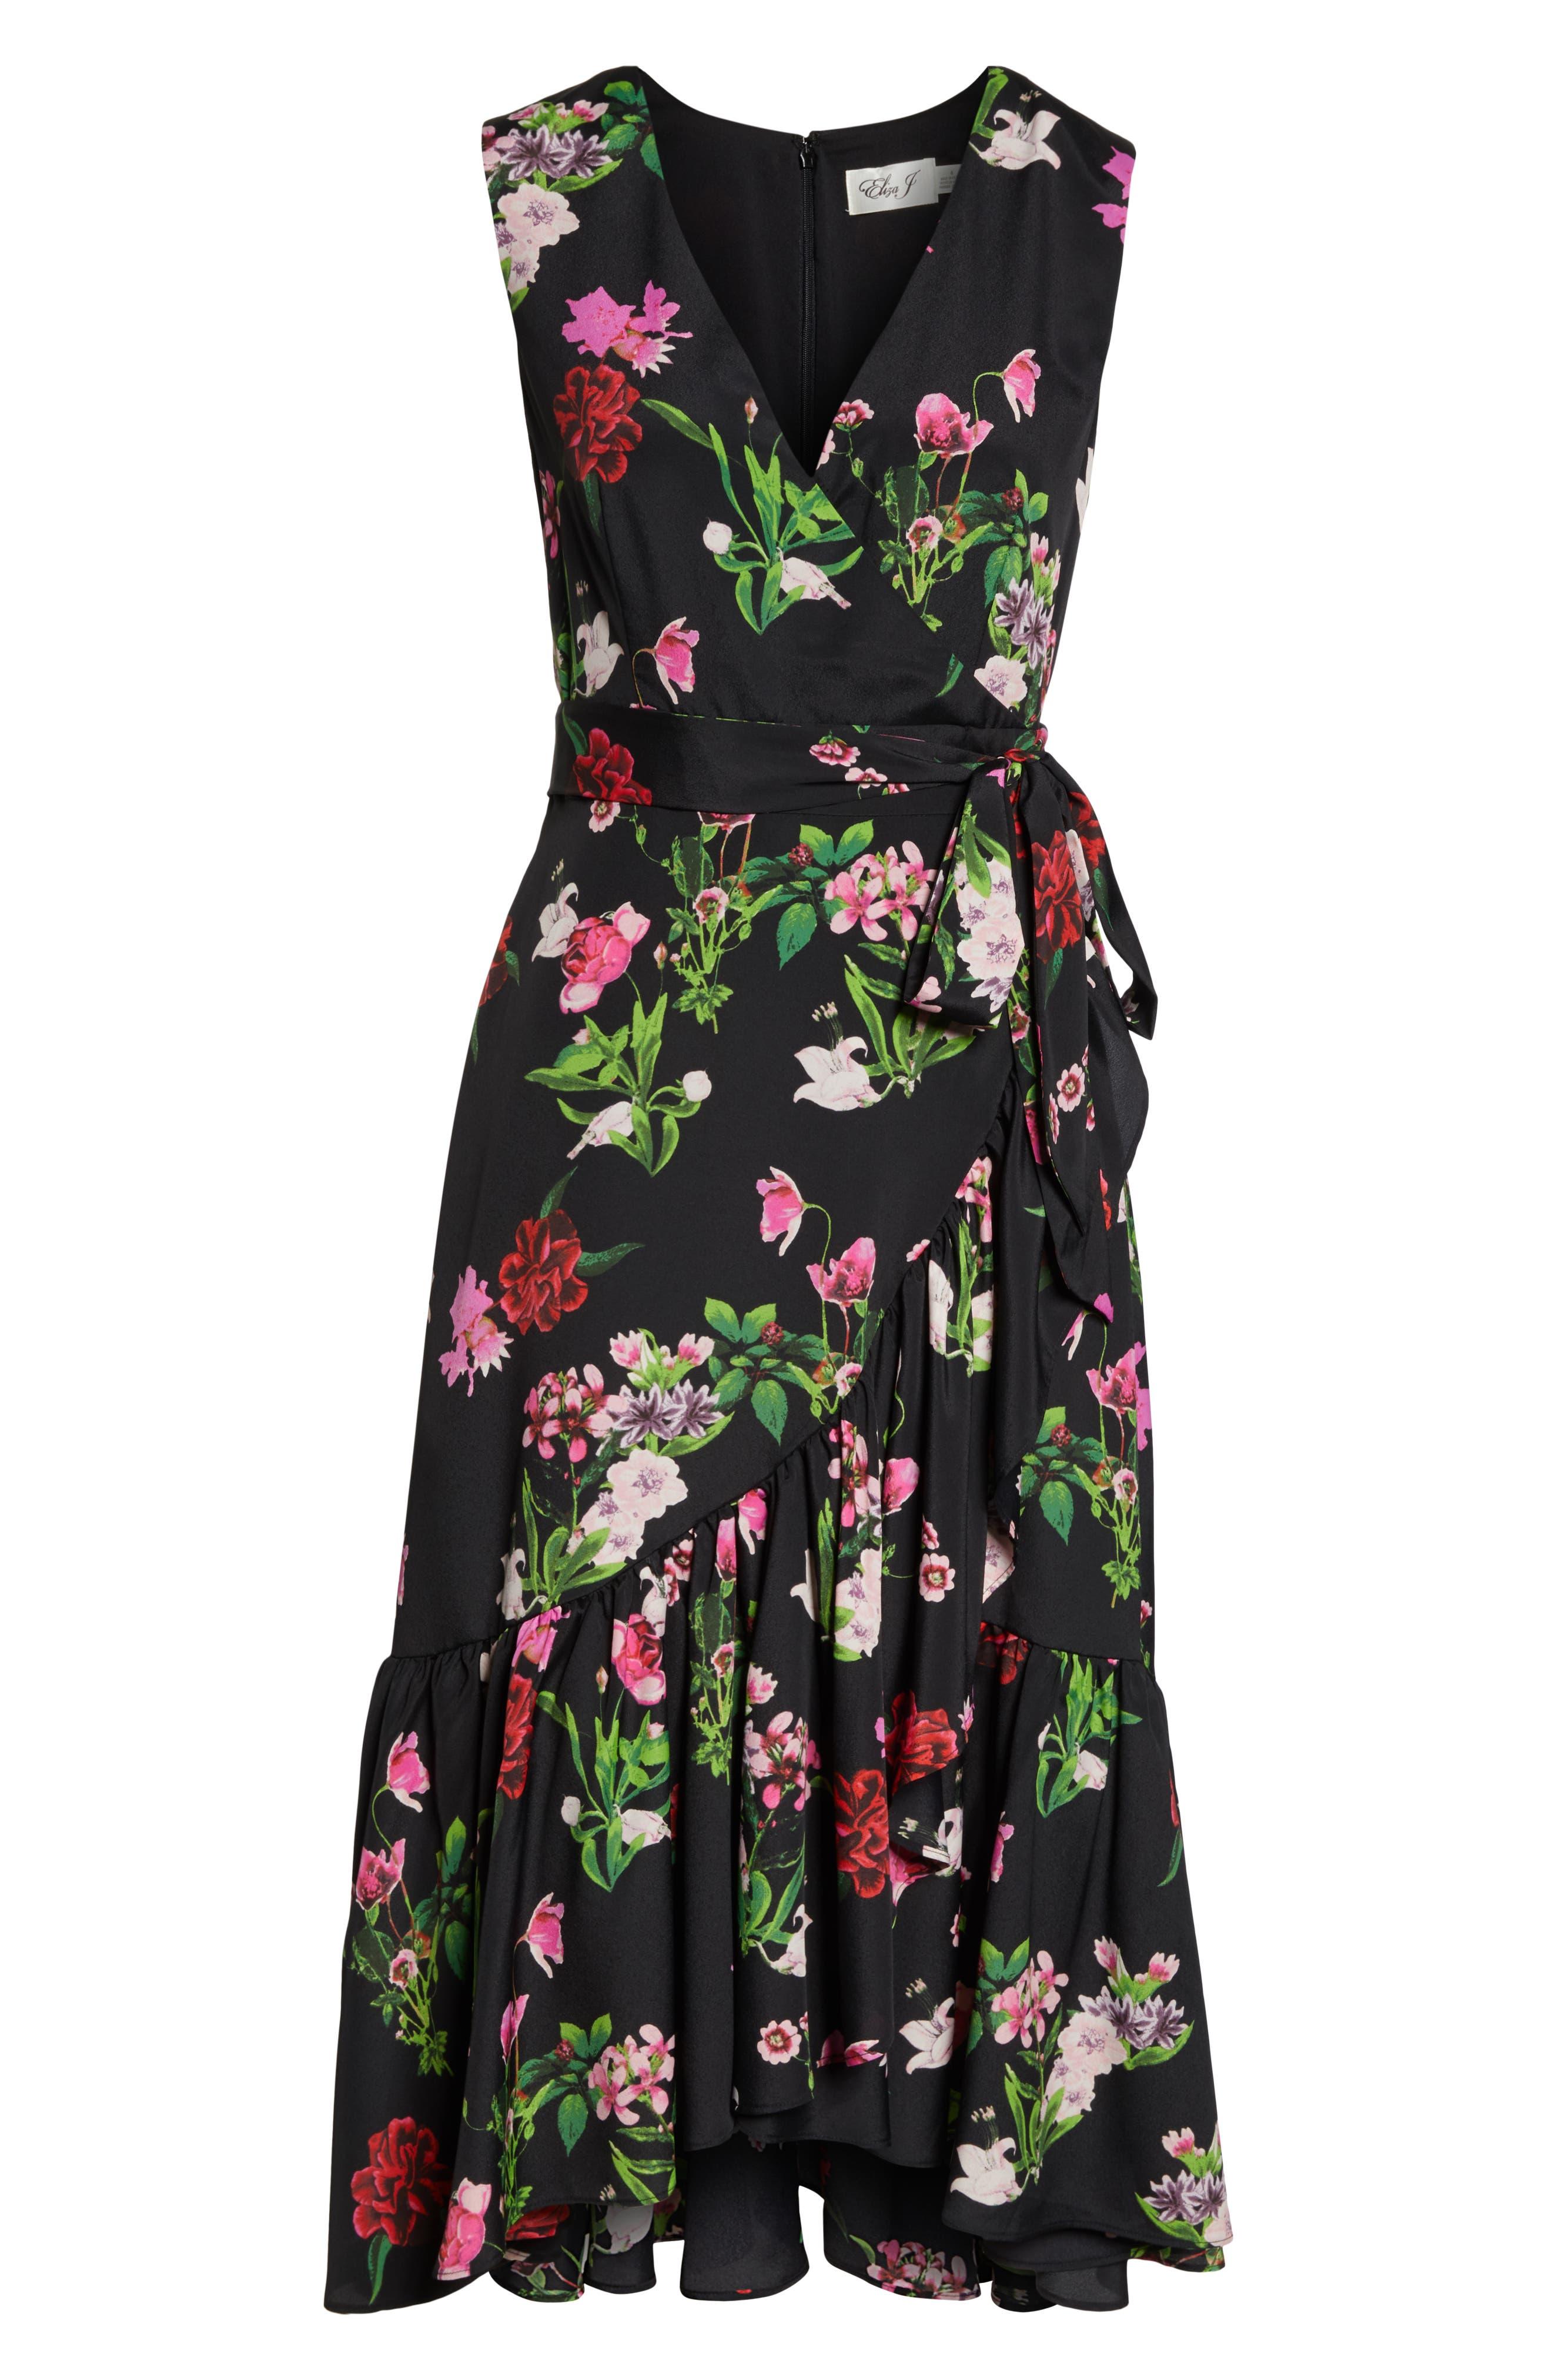 ELIZA J, Ruffle Hem Faux Wrap Dress, Alternate thumbnail 8, color, BLACK